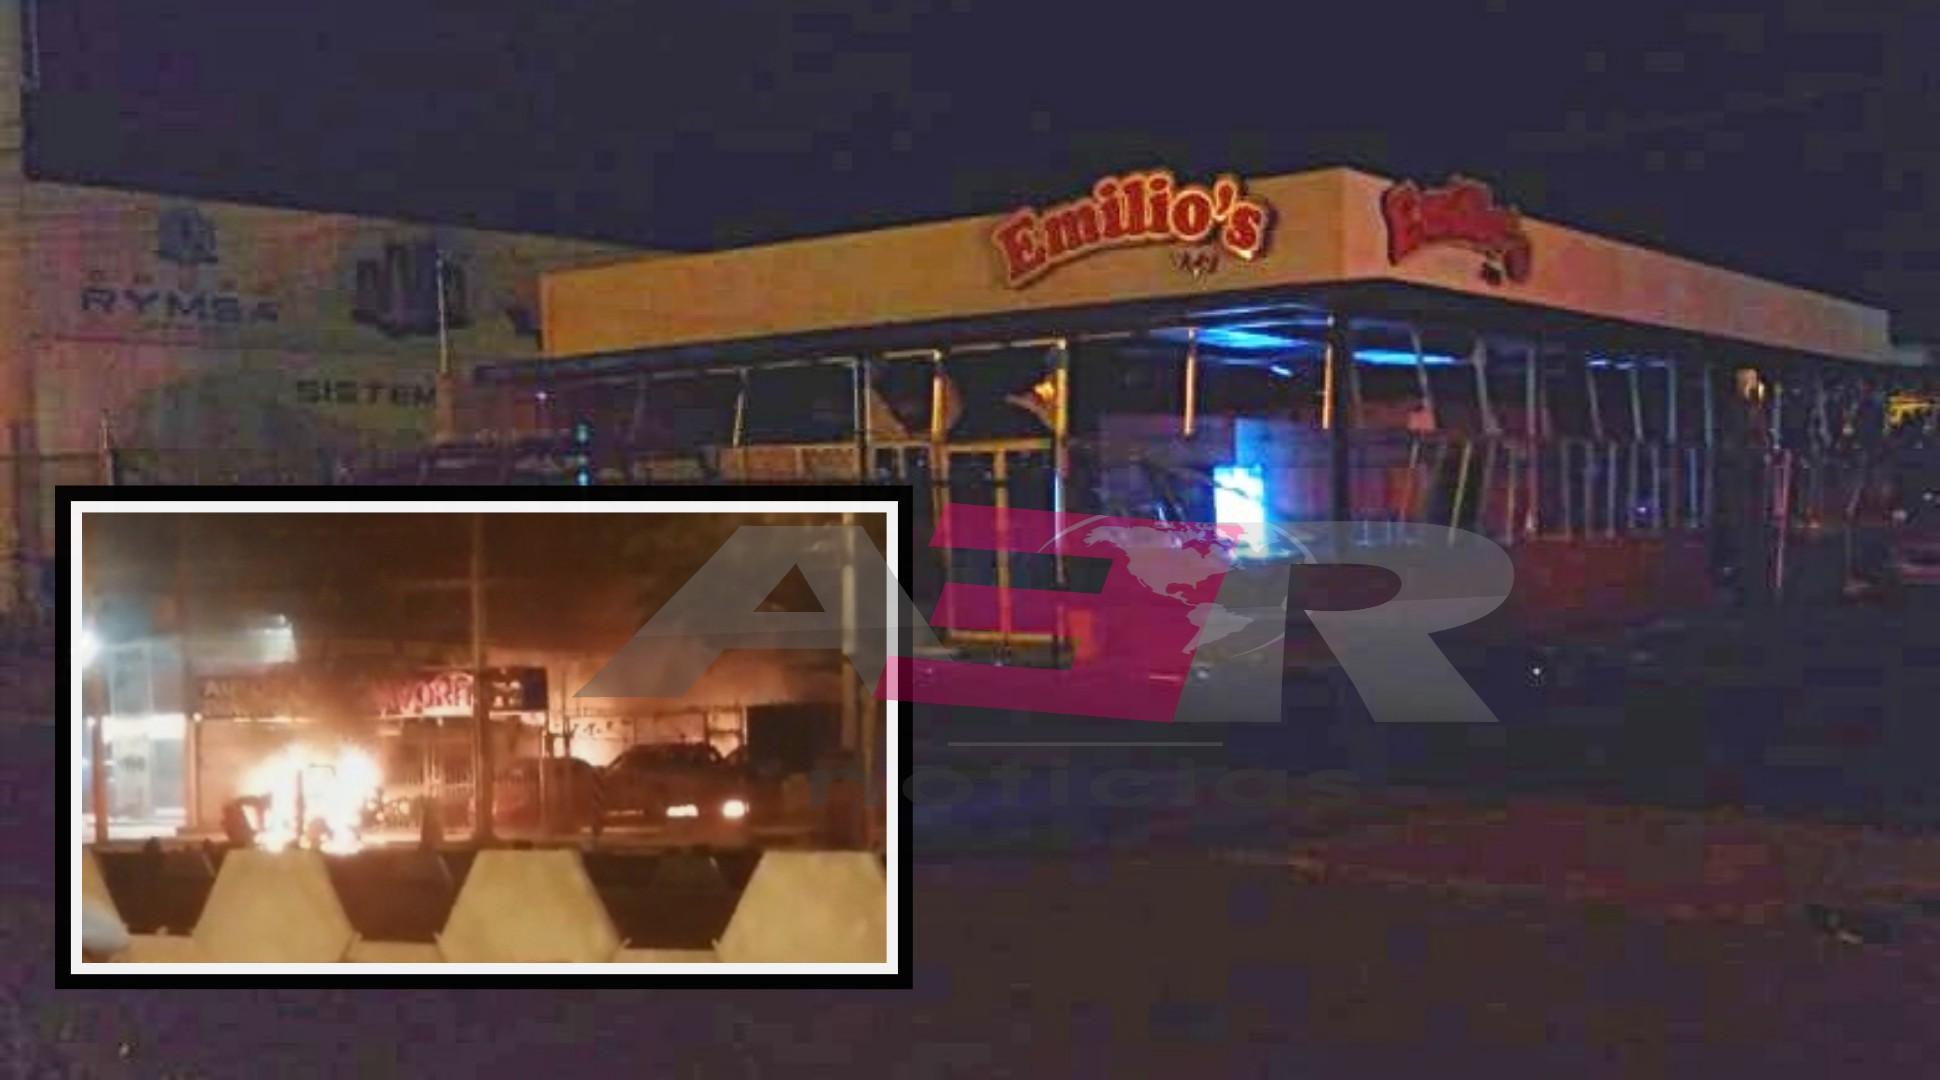 Incendian con artefactos explosivos sucursales de taquería Emilio's en Celaya 2